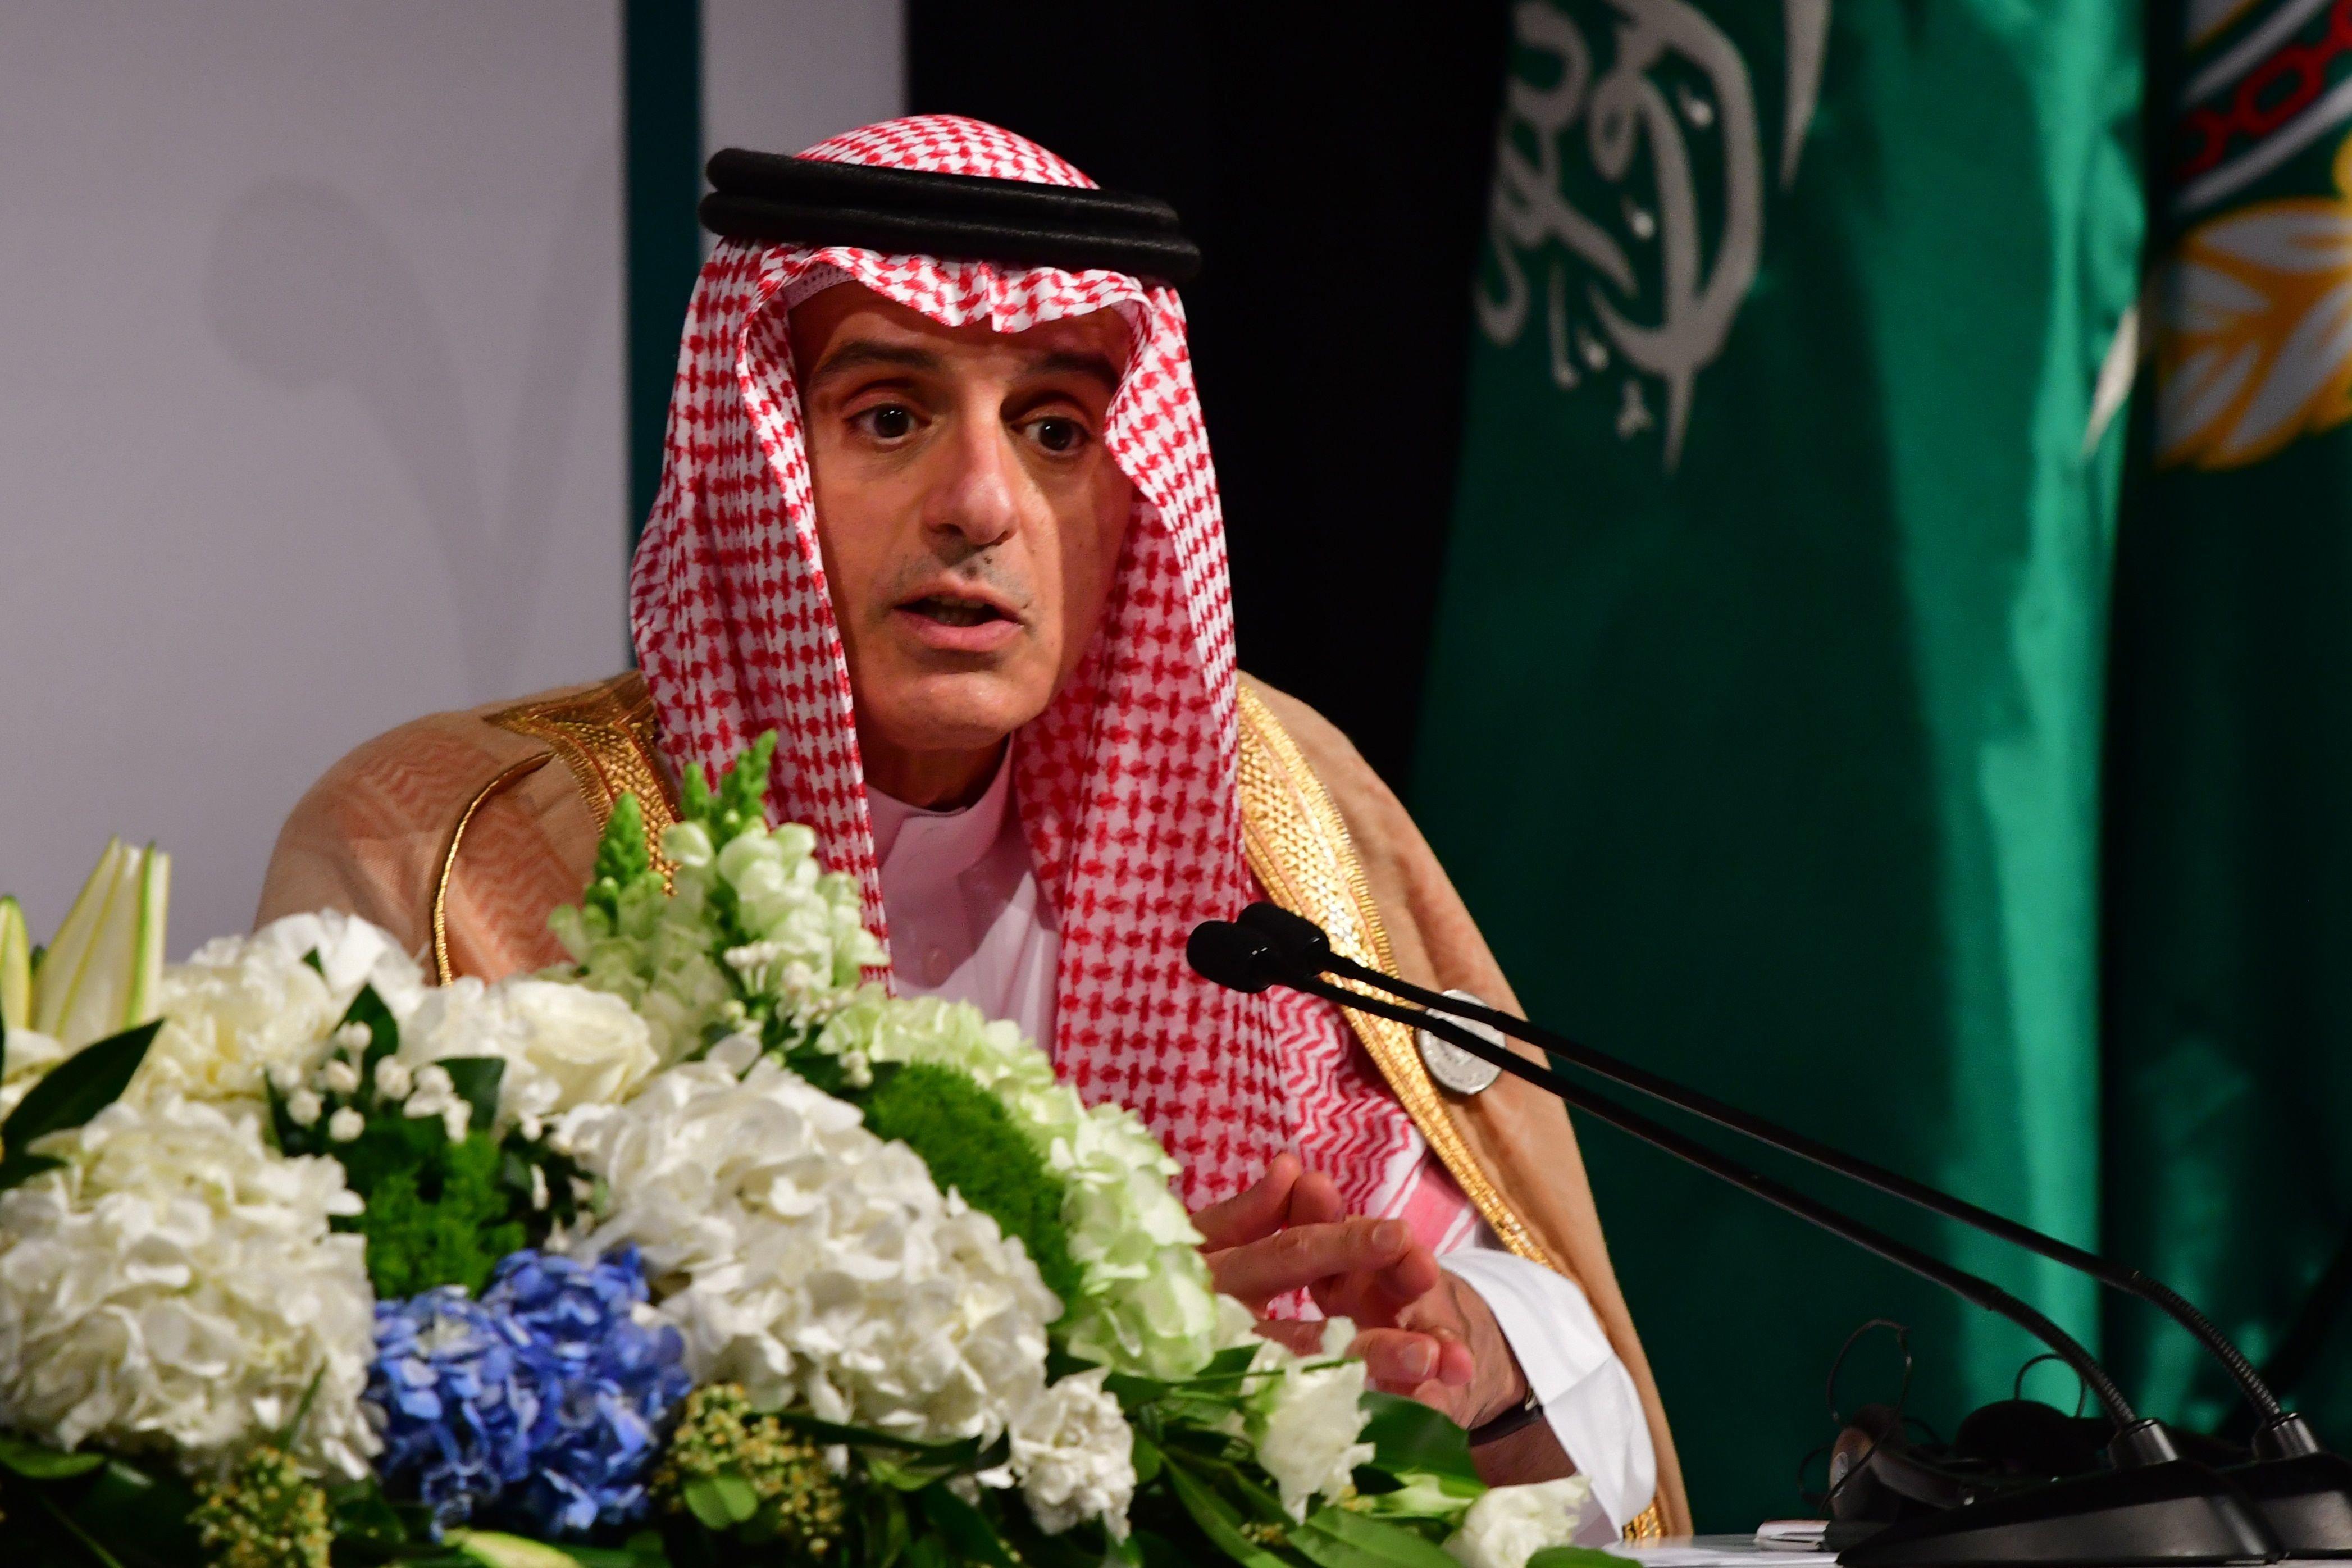 Σε διμερείς συμφωνίες και κοινές δράσεις θα προχωρήσουν Κύπρος και Σαουδική